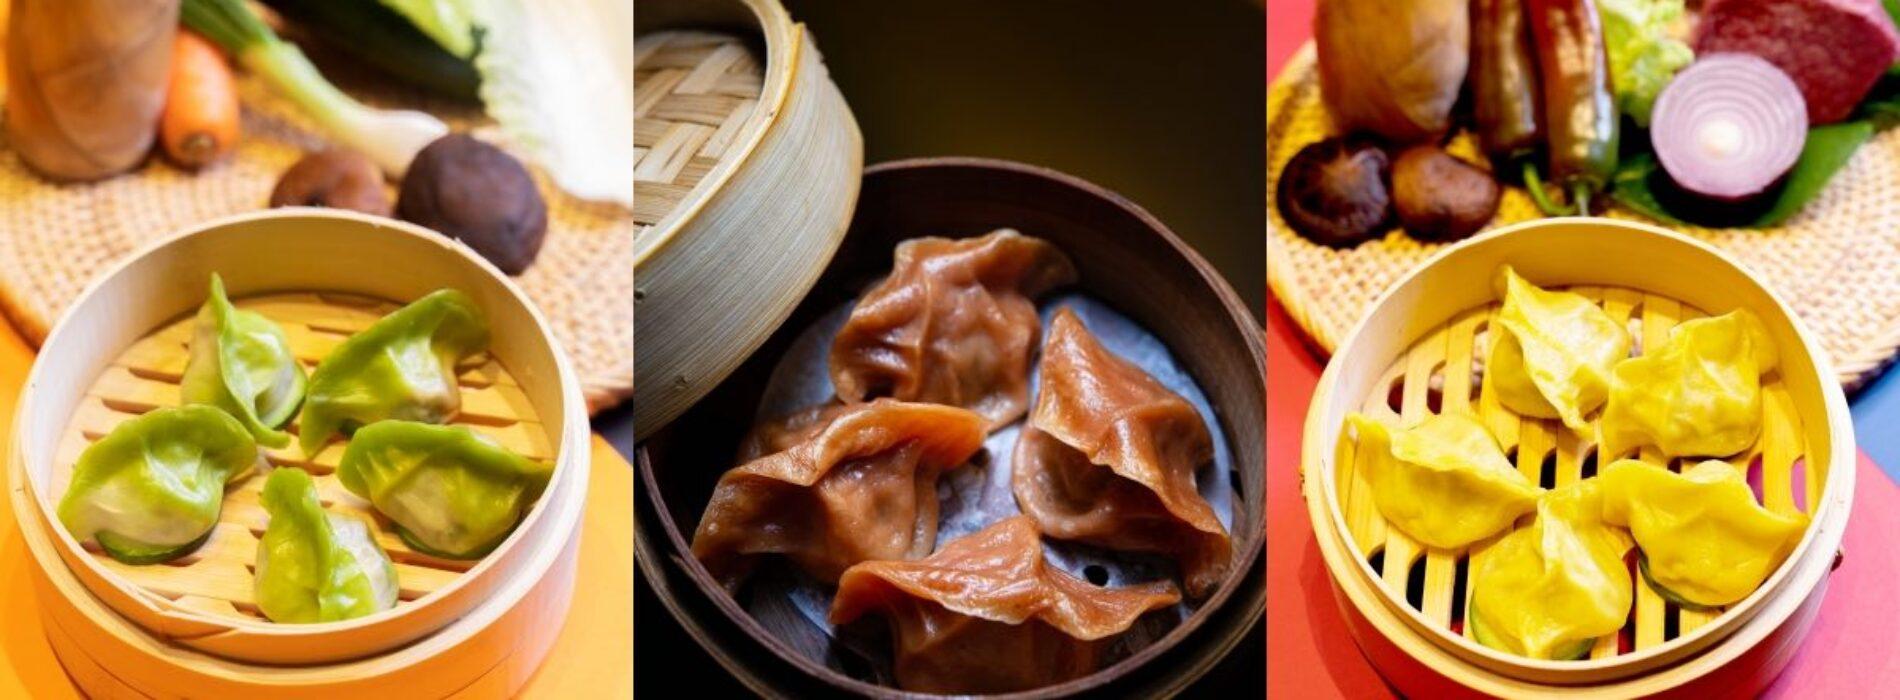 Bao Bao Dumpling Roma, un intero menu di ravioli cinesi con laboratorio a vista nel locale di Prati